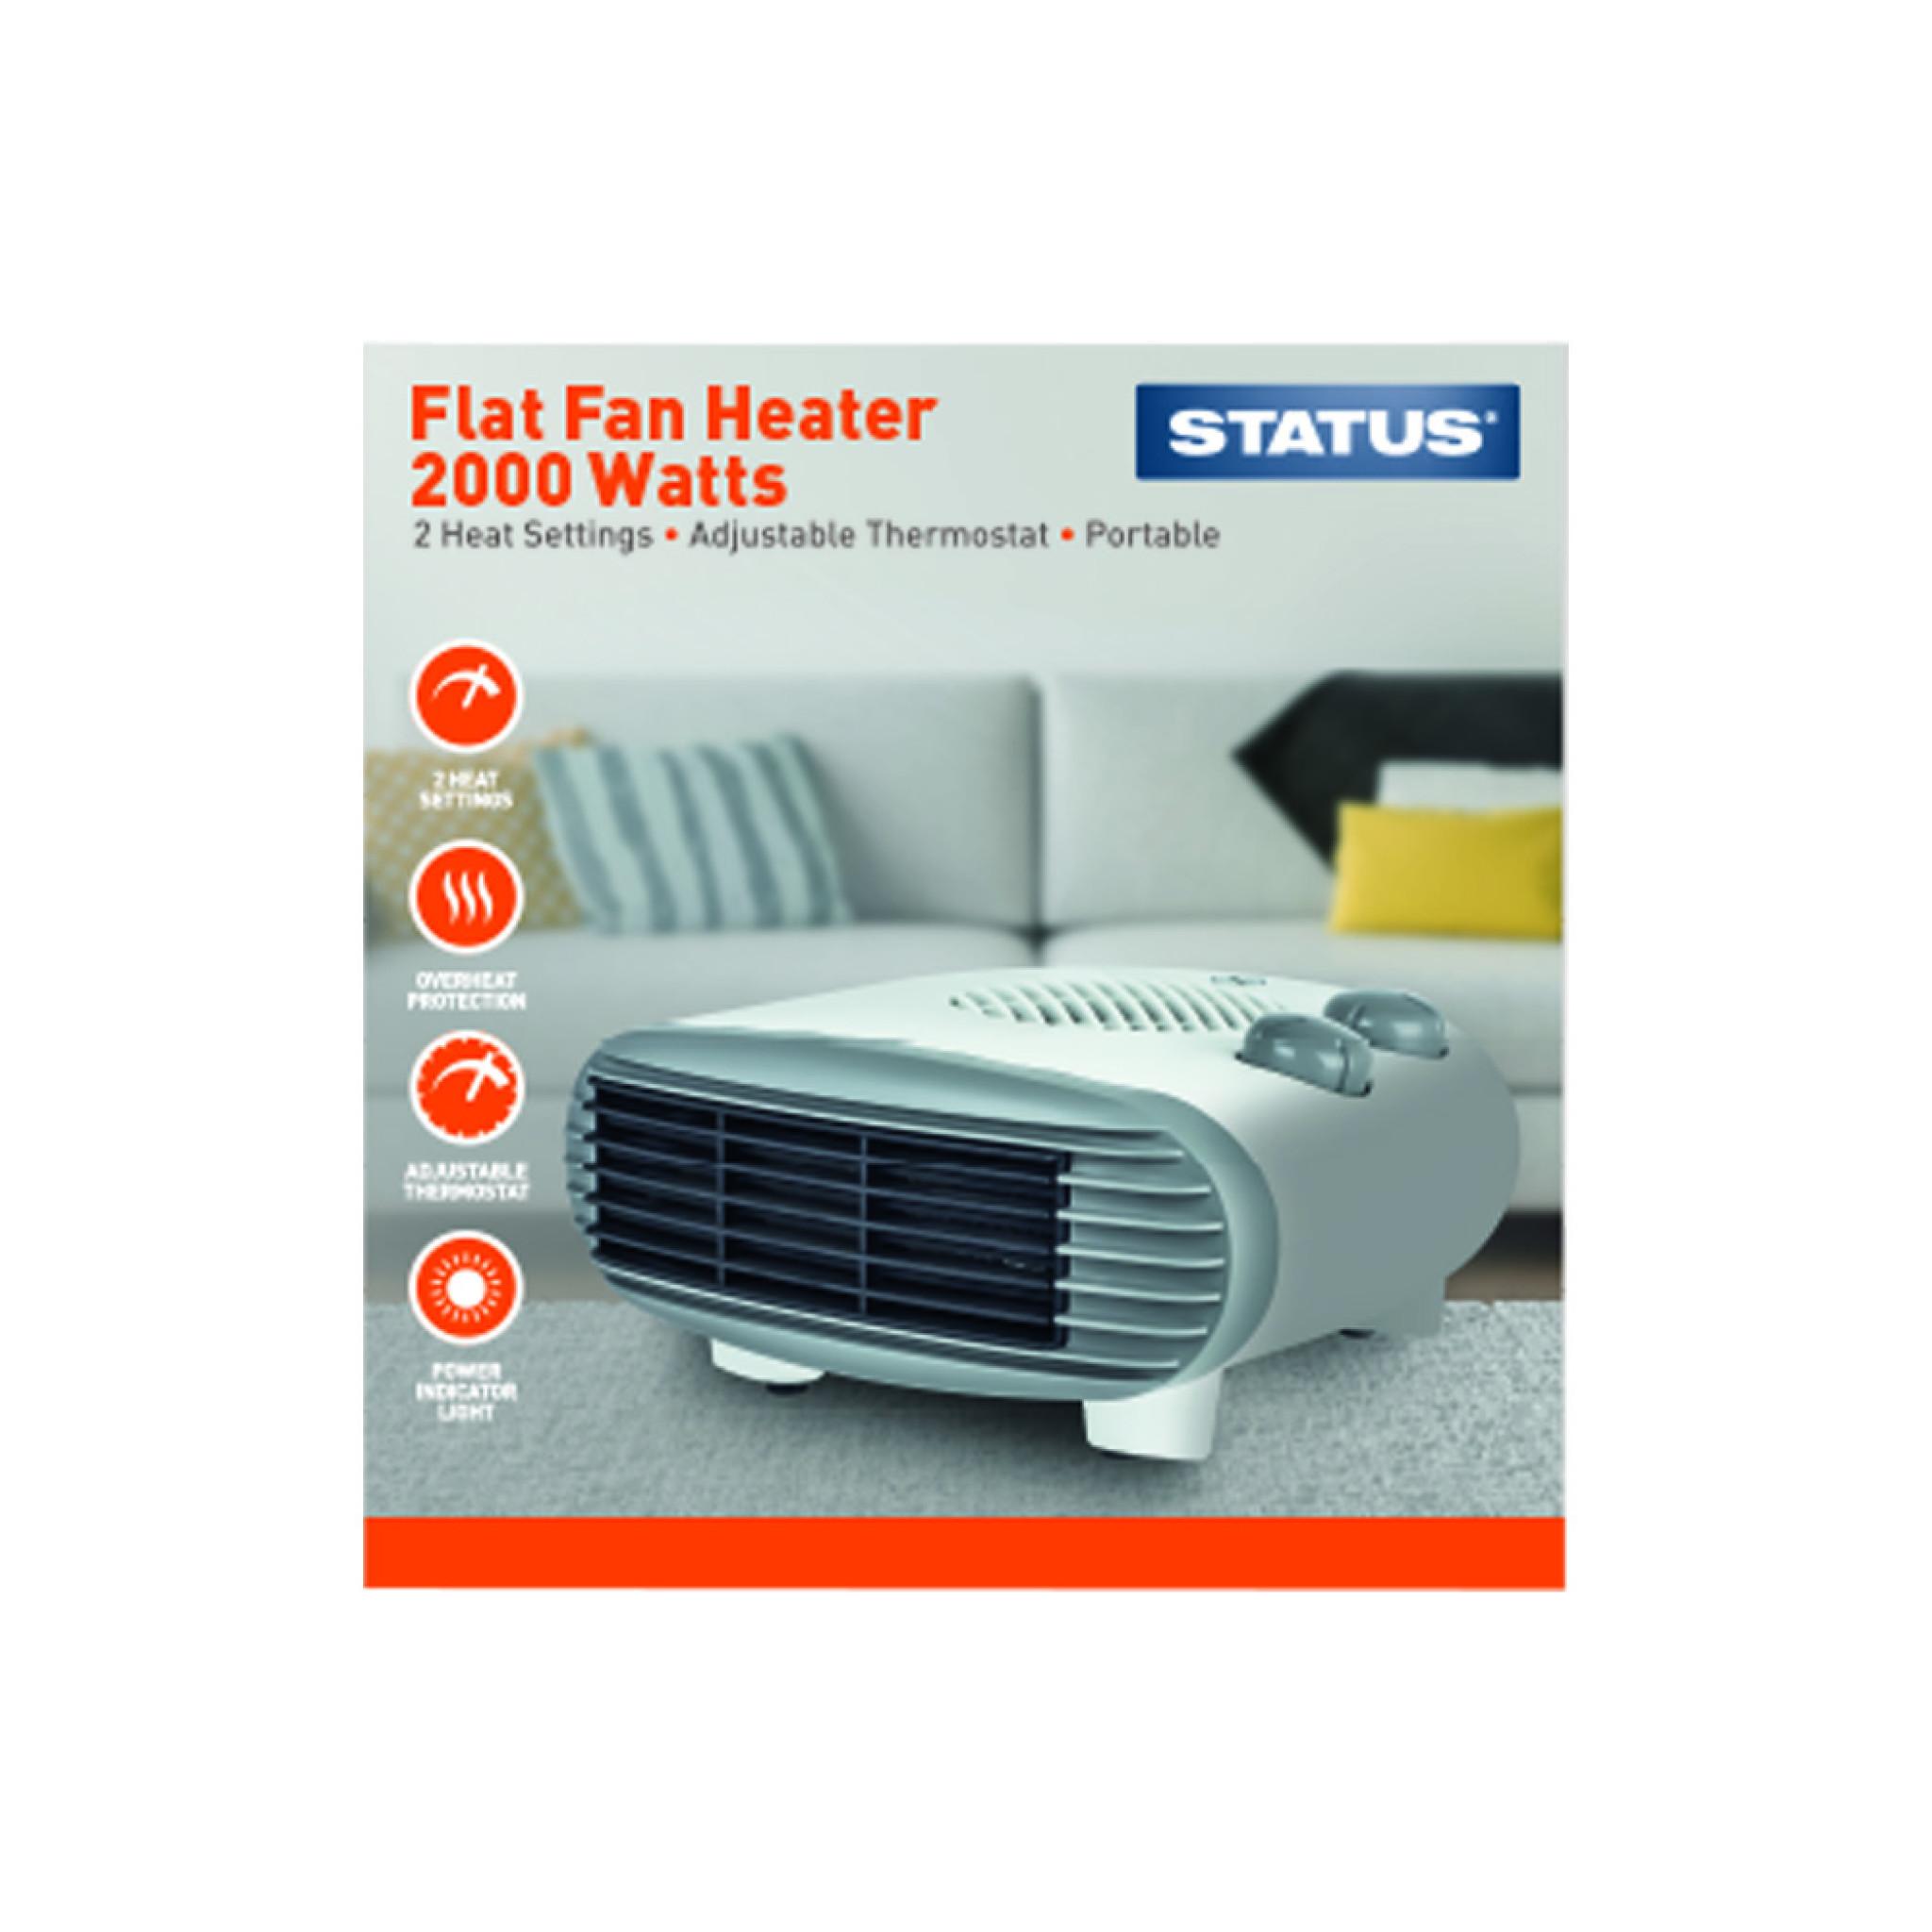 Status 2000W Flat Fan Heater | Staines